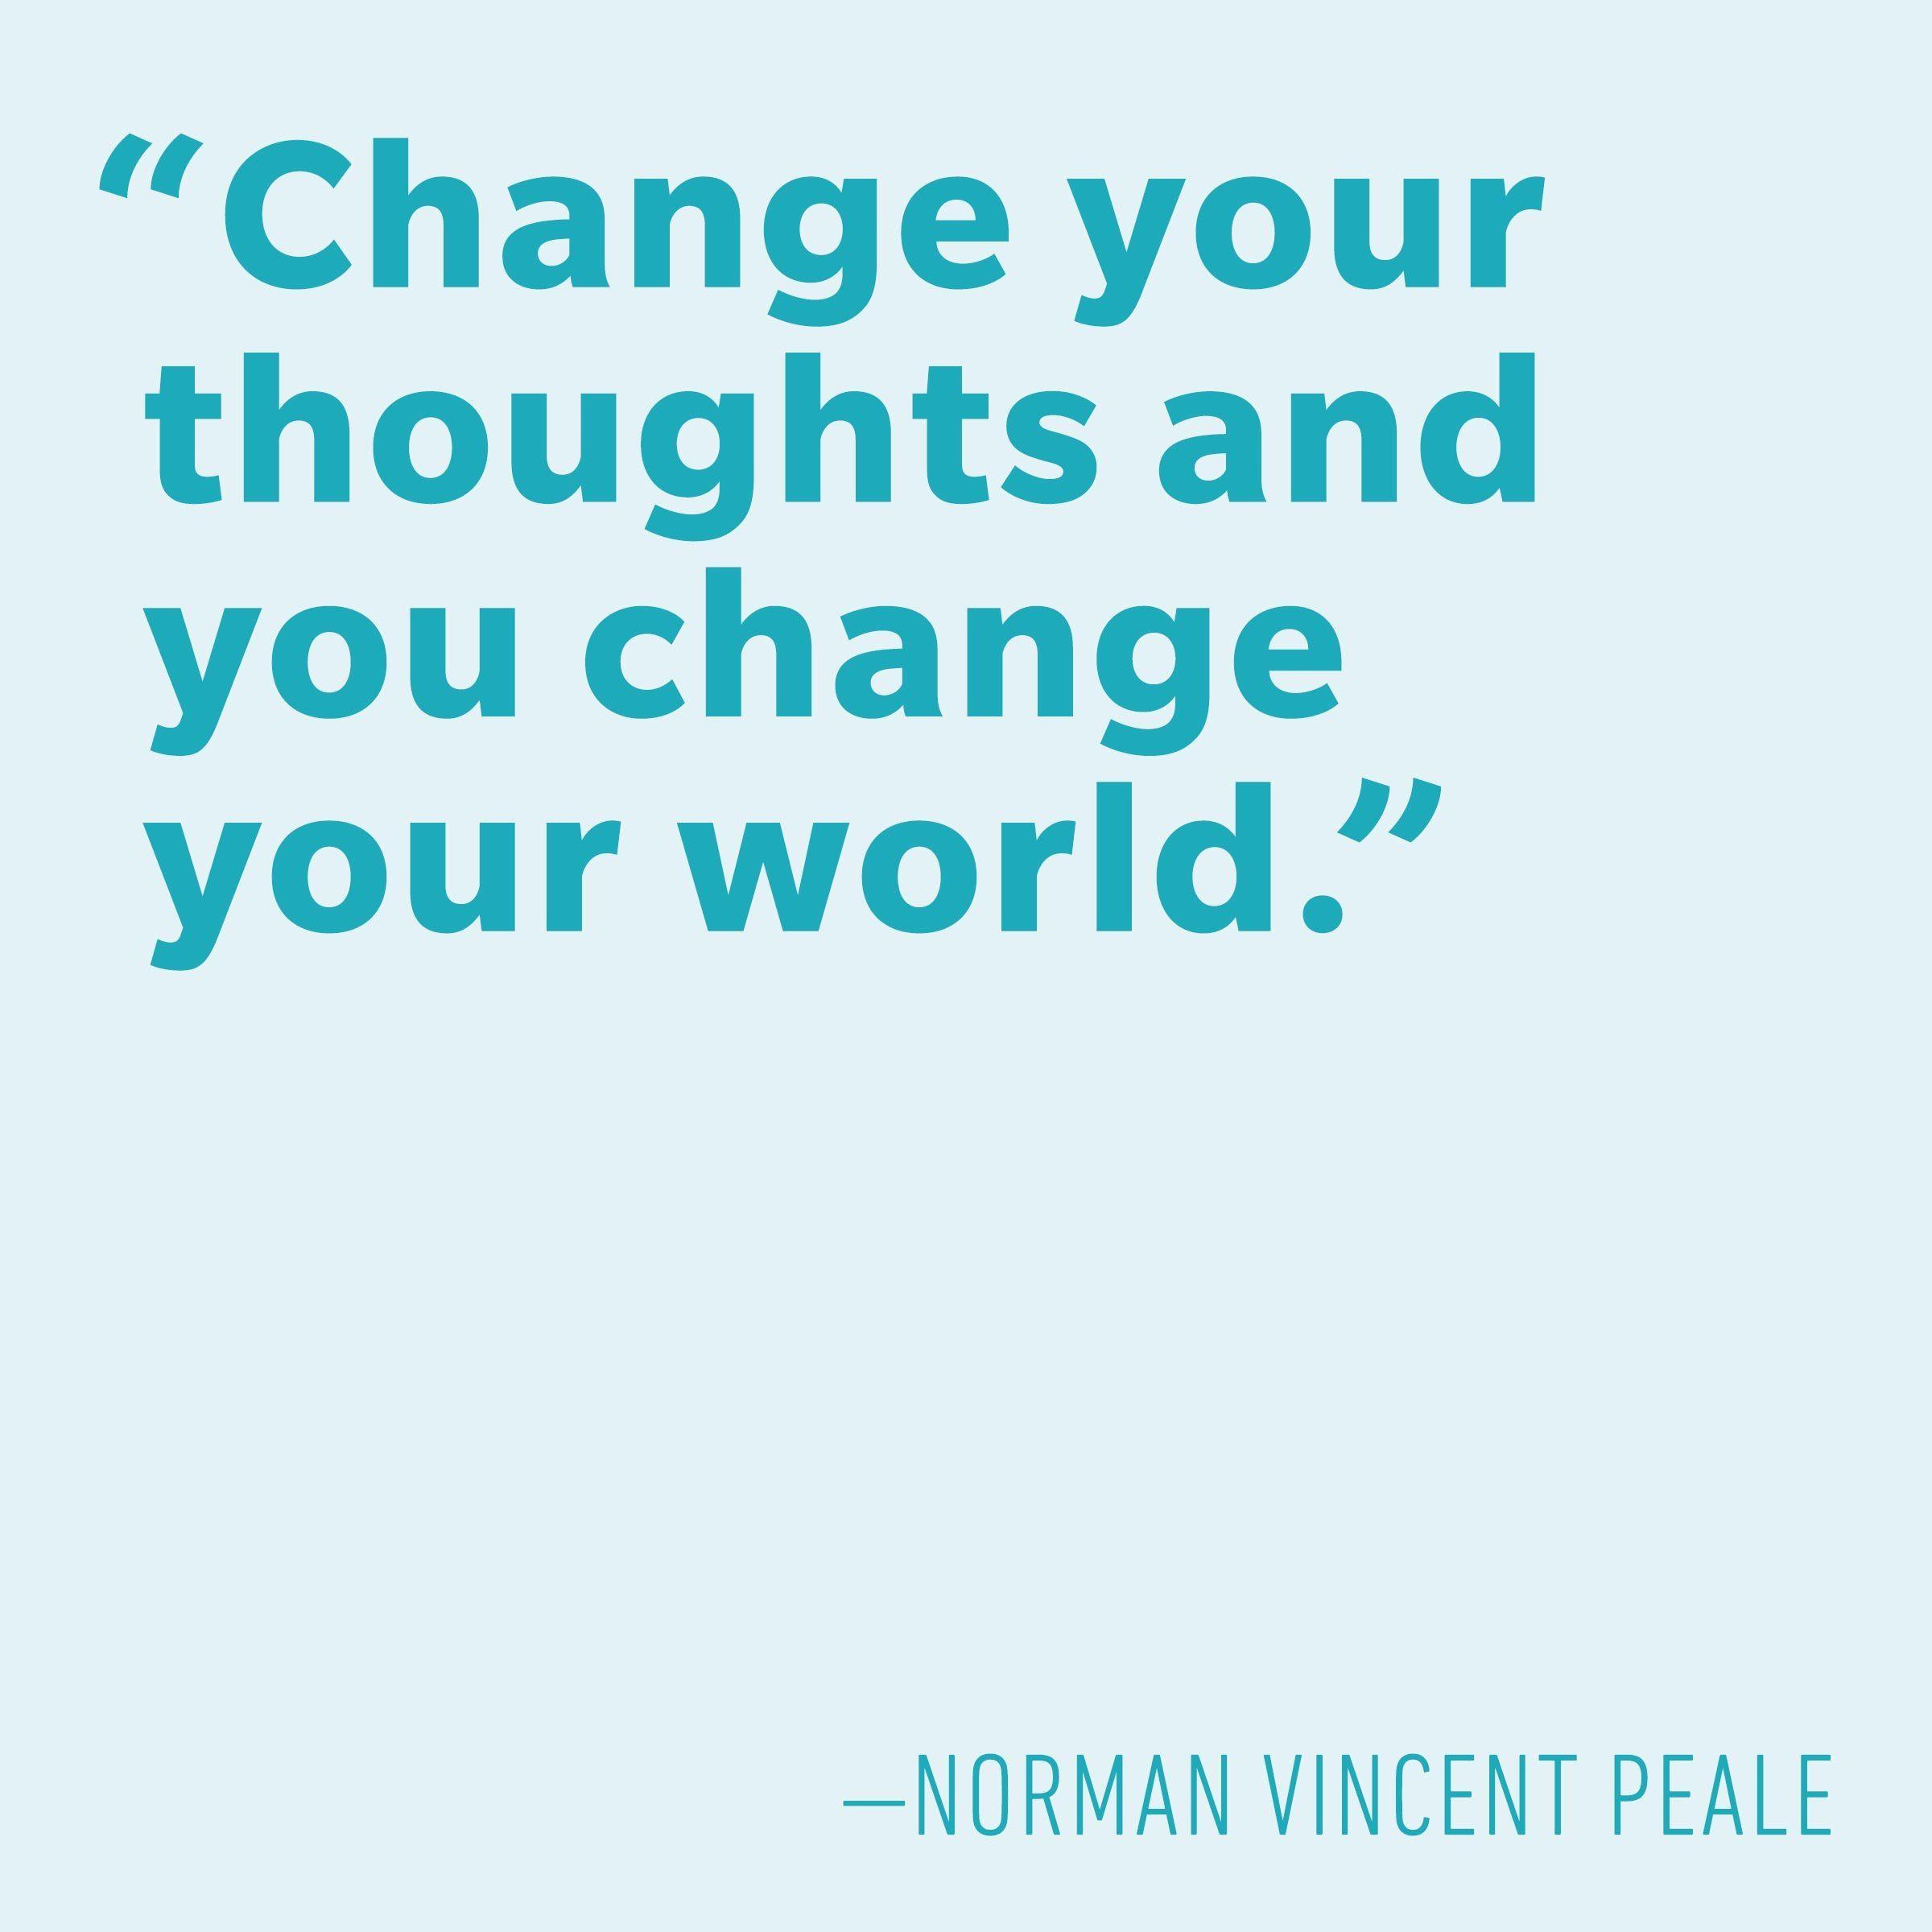 Motivational quotes - Norman Vincent Peale